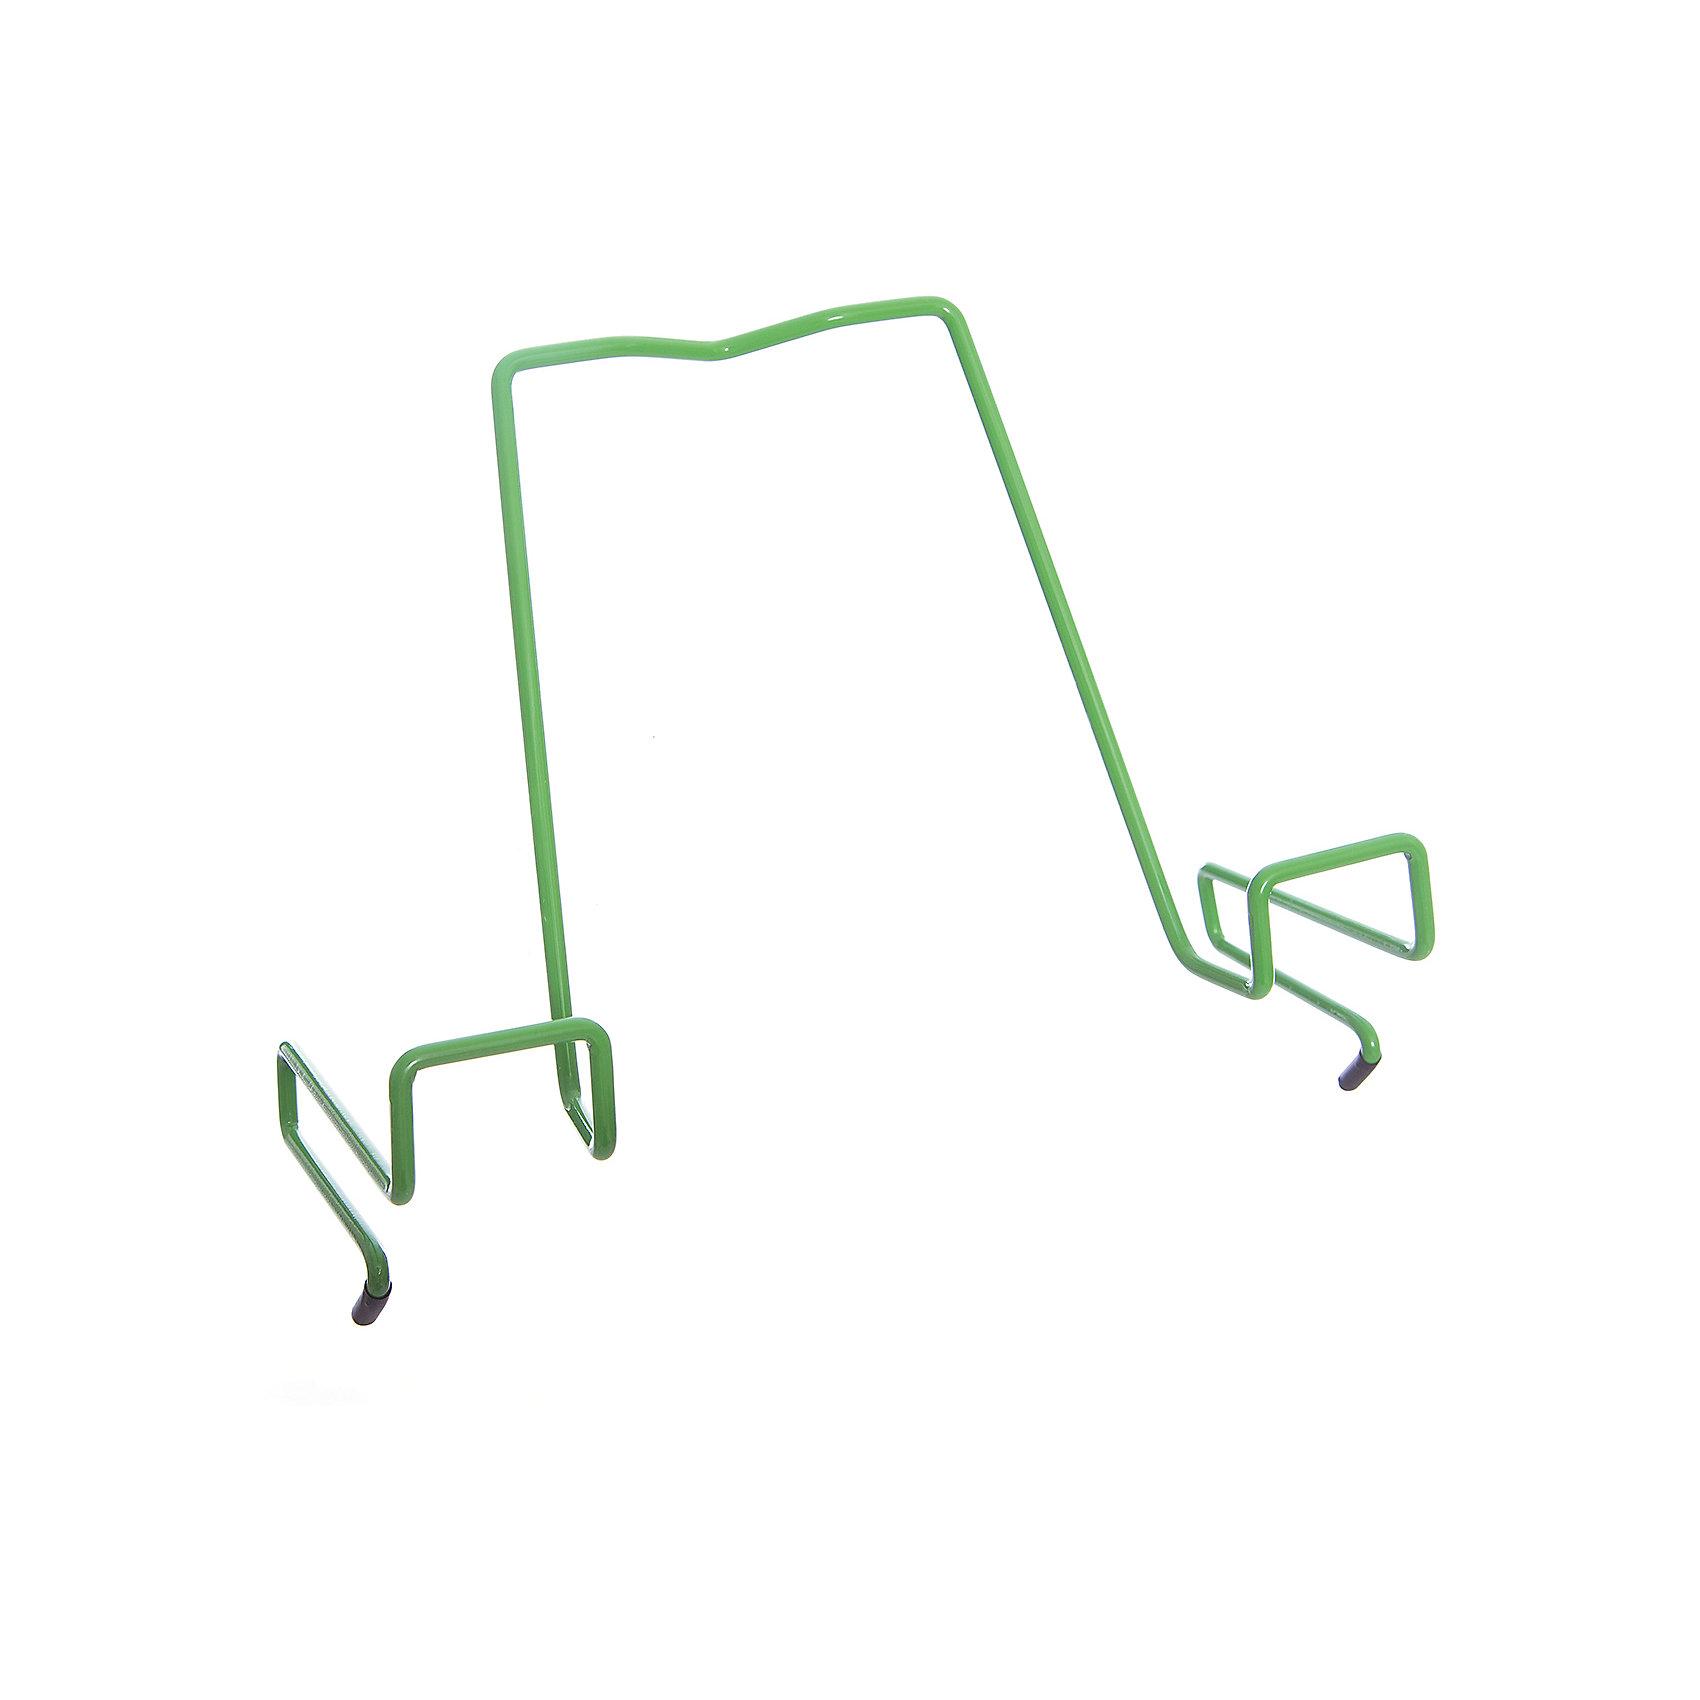 Подставка для книг металлическая ПДК.02, Дэми, зеленыйМебель<br>Подставка для книг металлическая ПДК.02, Дэми, зеленый – необходимая вещь для каждого ребенка.<br>Данная модель представляет собой привычную металлическую подставку, знакомую всем с детства. Однако ее отличие в том, что подставка надежно крепится к столу Дэми. Это позволяет ребенку не волноваться о том, что она может упасть. У подставки удобный угол наклона, но при желании ее можно отрегулировать. <br><br>Дополнительная информация: <br><br>Размер: 330x202x55 мм<br>Вес: 100 гр<br>Материал: металл<br>Цвет: зеленый<br><br>Подставку для книг металлическую ПДК.02, Дэми, зеленую можно купить в нашем интернет магазине.<br><br>Ширина мм: 500<br>Глубина мм: 390<br>Высота мм: 30<br>Вес г: 100<br>Возраст от месяцев: 48<br>Возраст до месяцев: 216<br>Пол: Унисекс<br>Возраст: Детский<br>SKU: 4919240